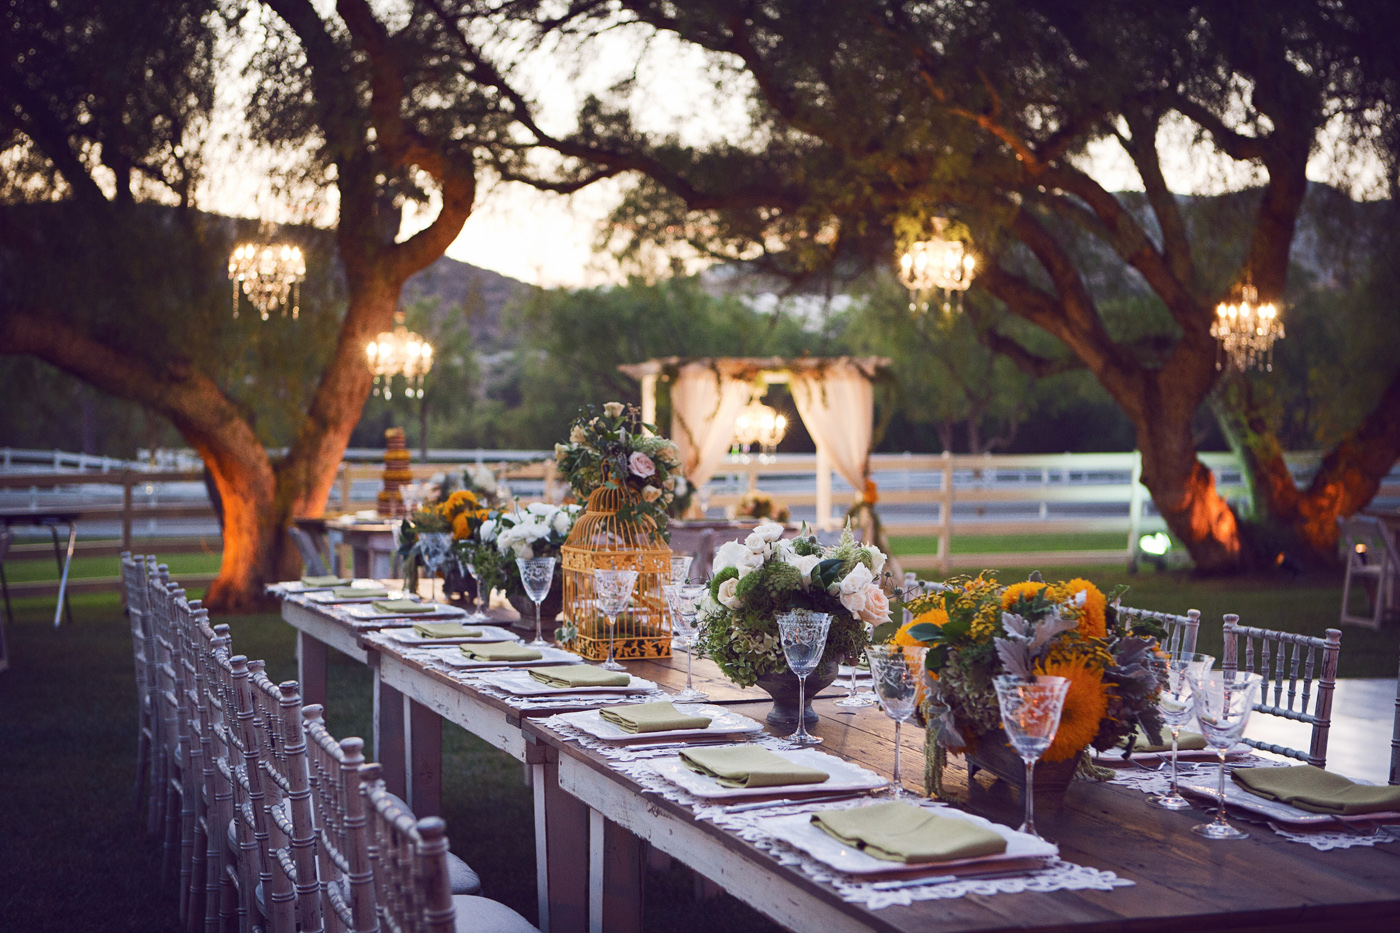 003_DukePhotography_DukeImages_Wedding_Details.jpg